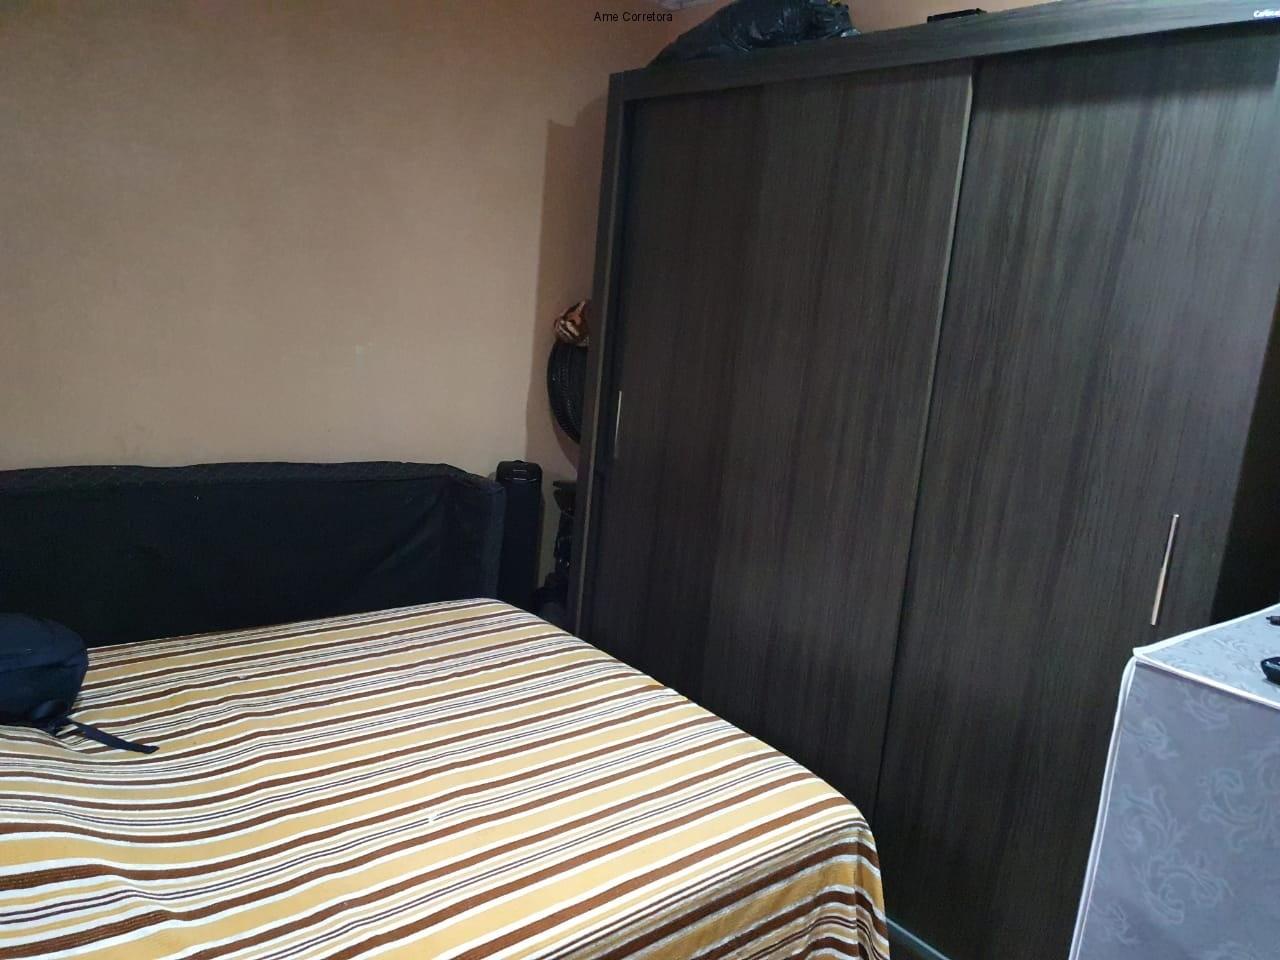 FOTO 11 - Casa 2 quartos à venda Inhoaíba, Rio de Janeiro - R$ 160.000 - CA00760 - 12